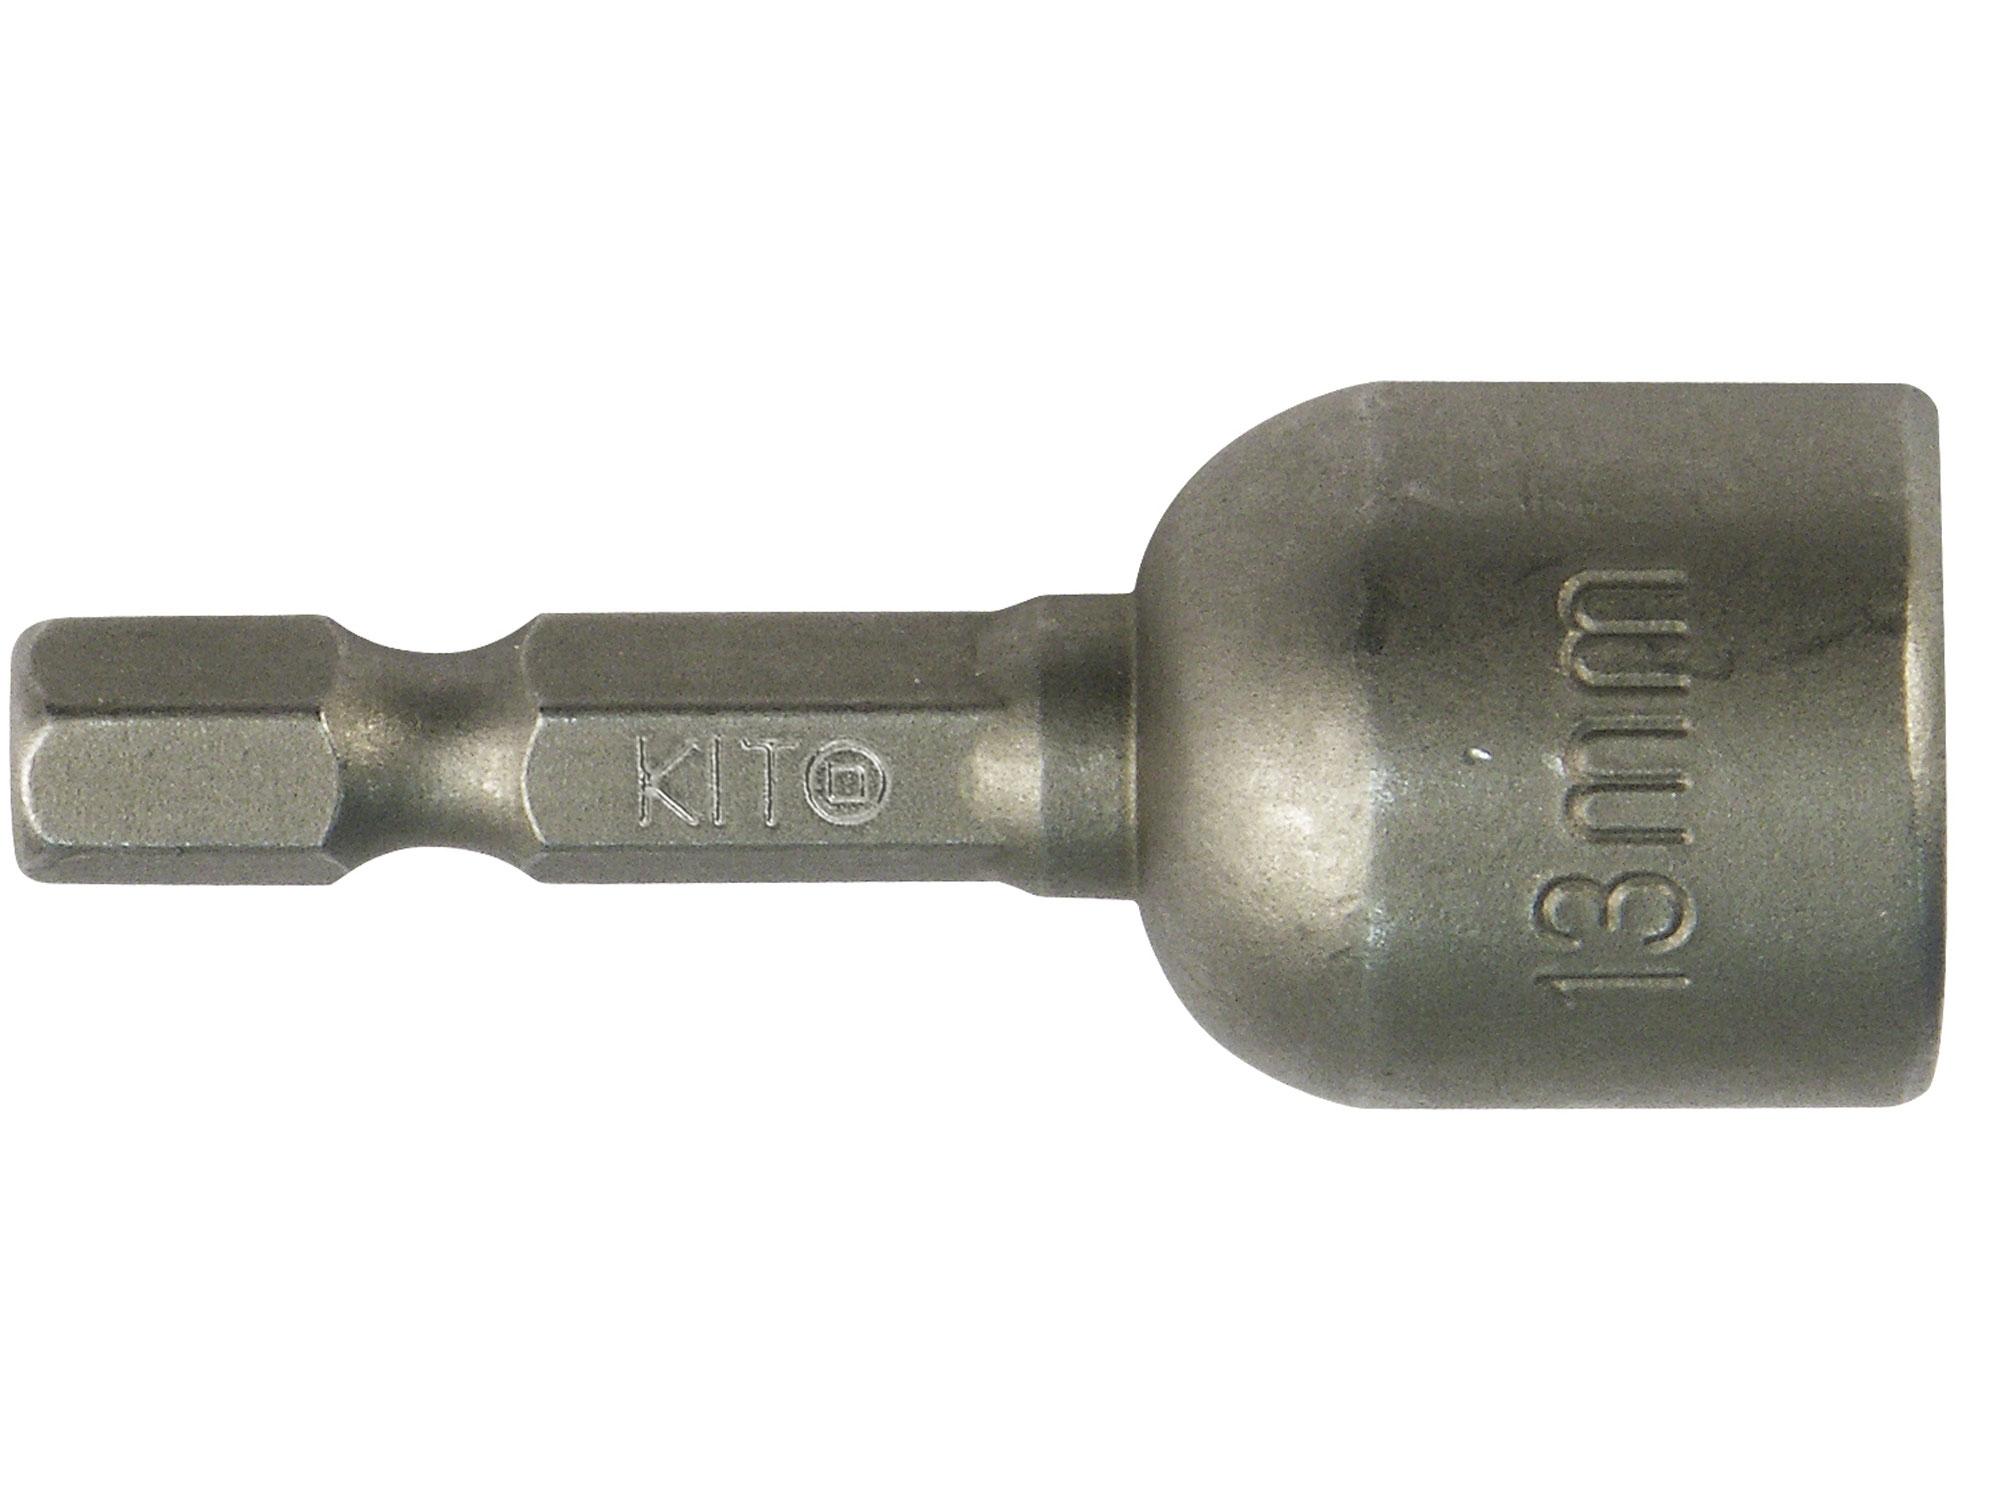 klíč nástrčný HEX do vrtačky, magnetický, 13x48mm, S2, KITO 4810613